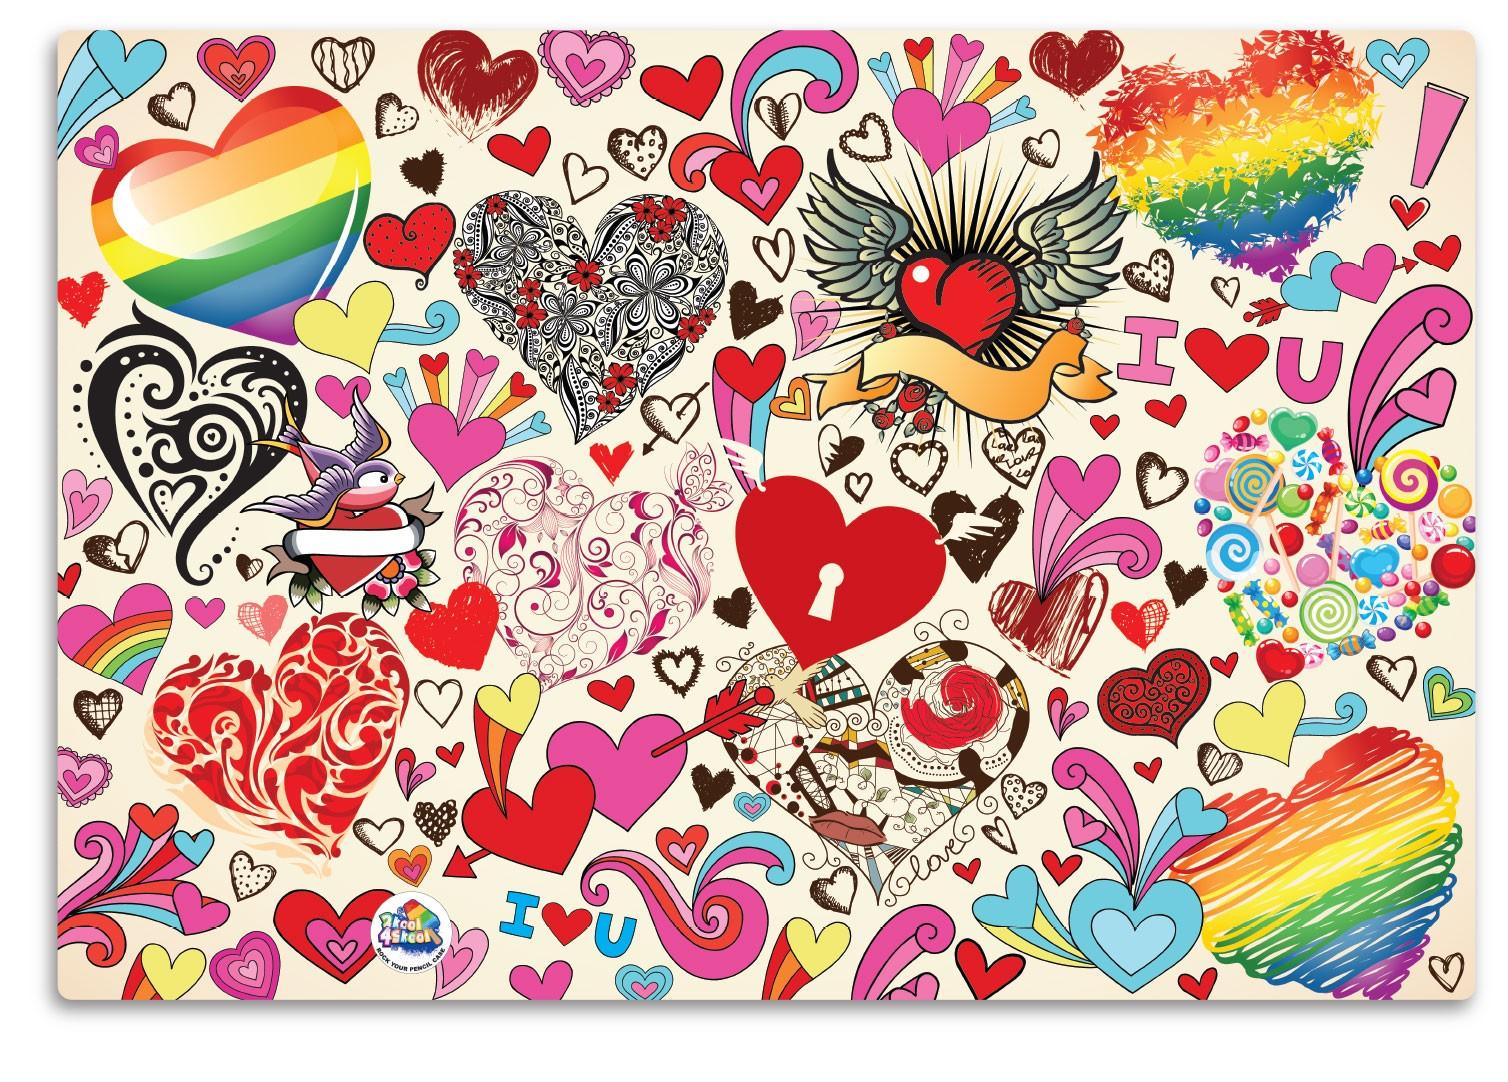 Scrapbook cover - More Views Luv N Hugs Scrapbook Cover